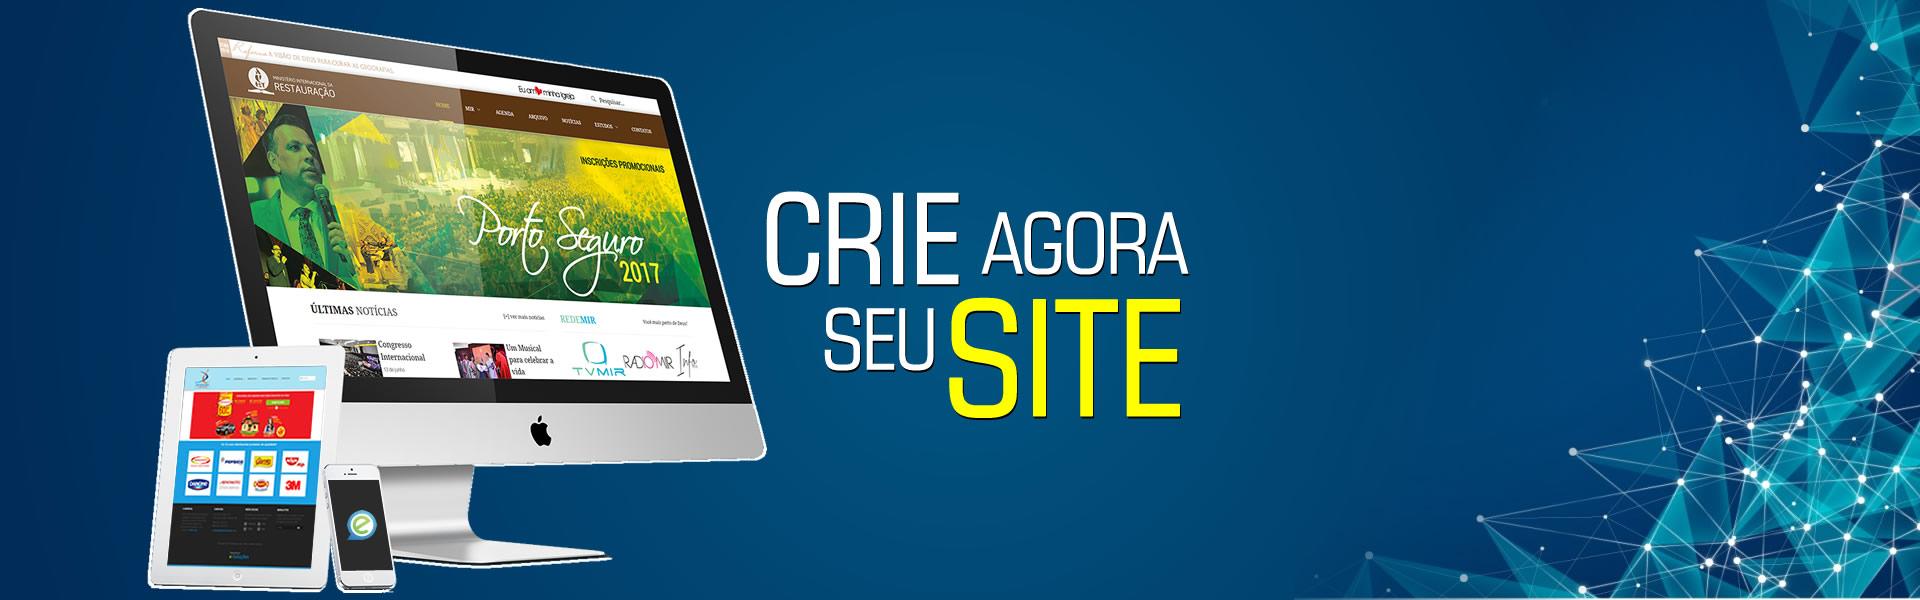 slide-site1